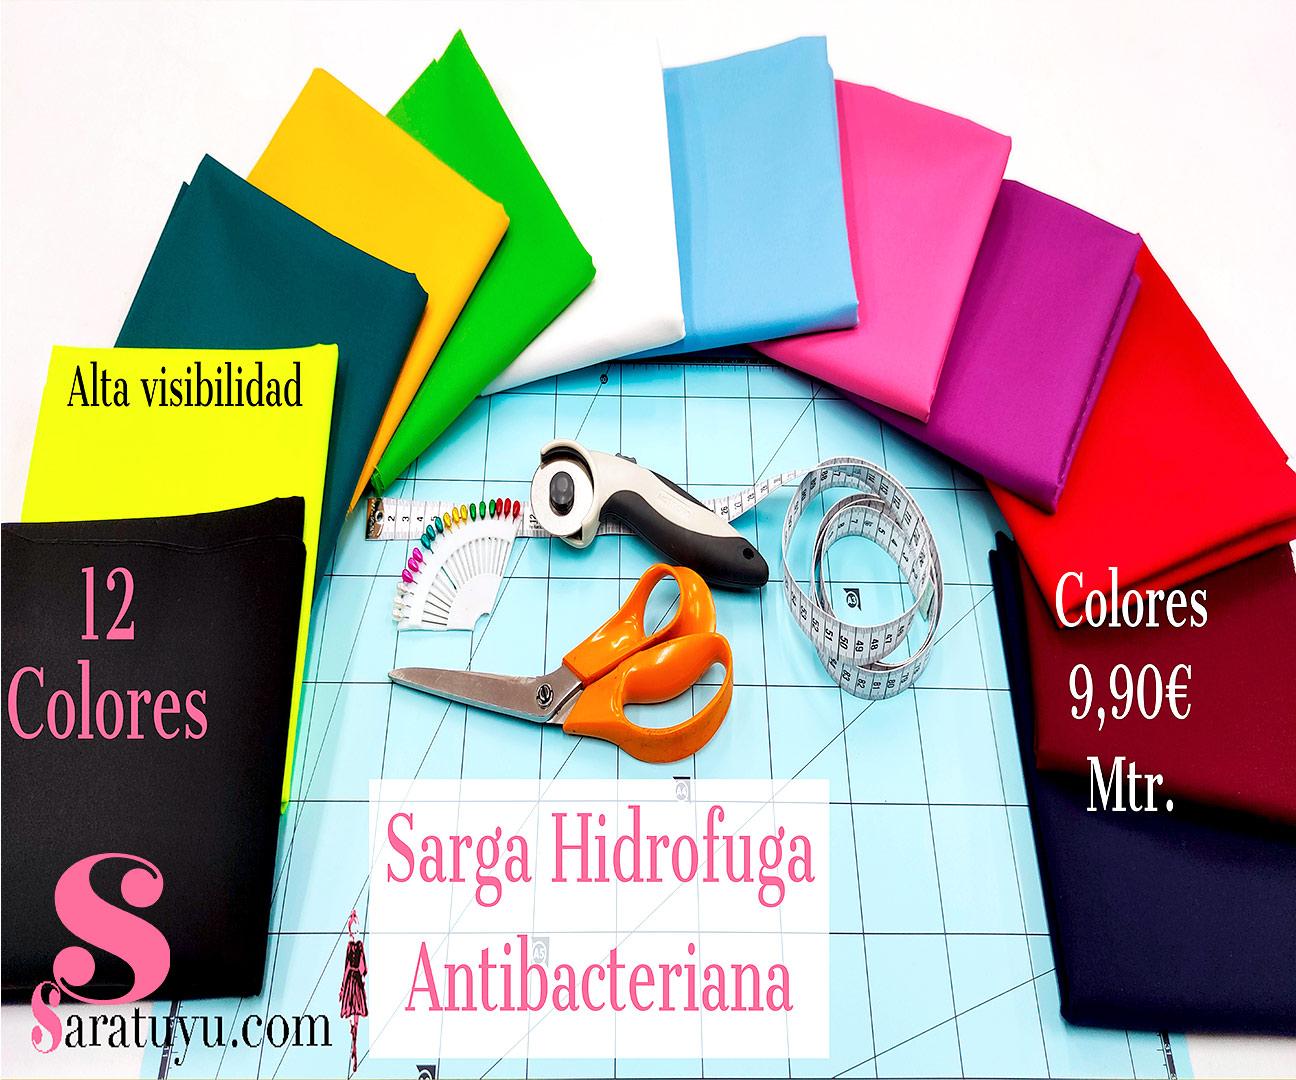 sarga-azul-celeste-hidrofuga-antibacteriana-homologada-certificada-poliester-algodon,Sarga Hidrófuga Antibacteriana Celeste